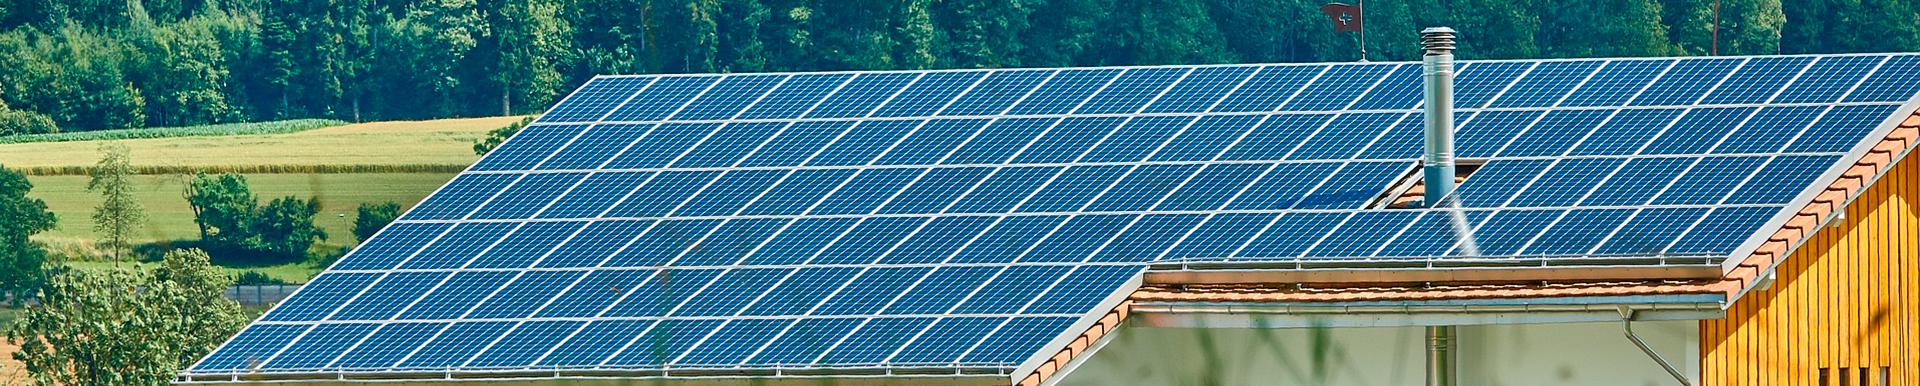 Casa con instalación de luz solar en tejado.